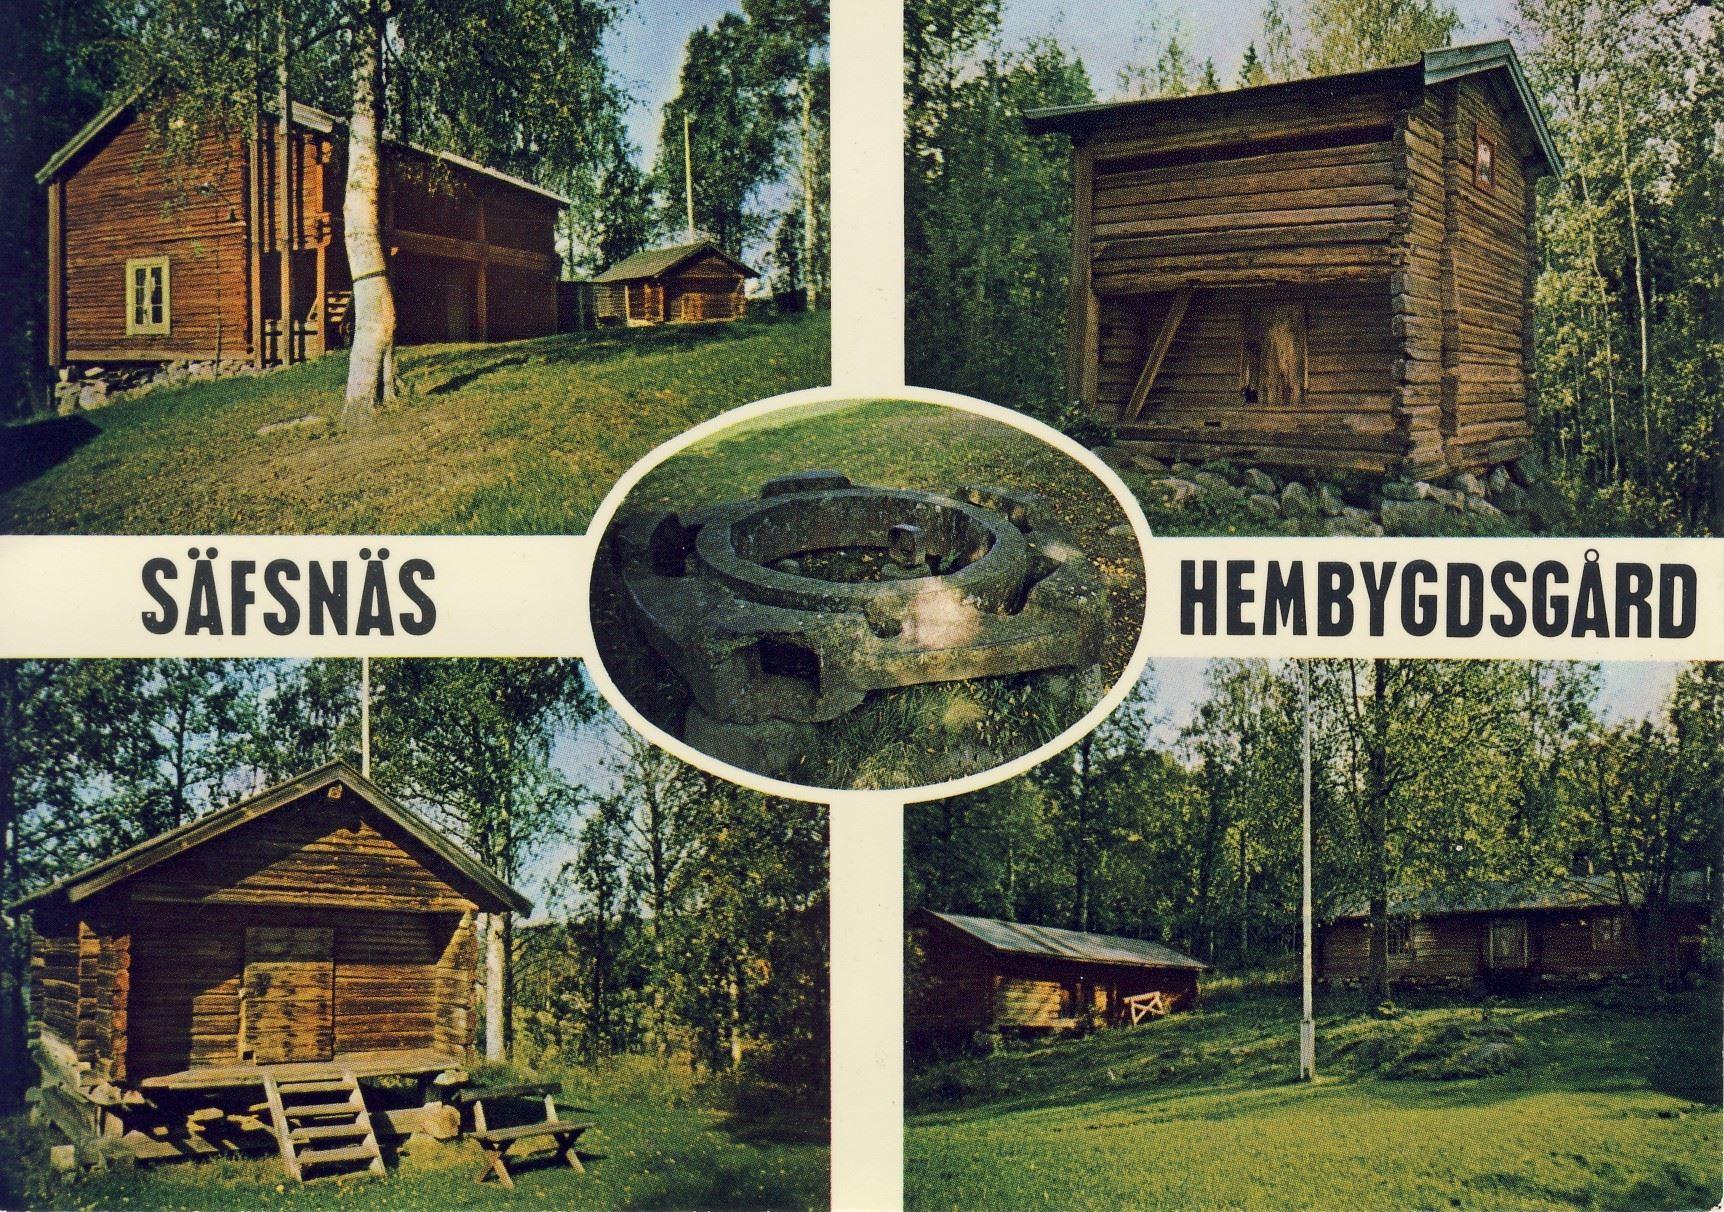 Vykort från Hembygdsgården.